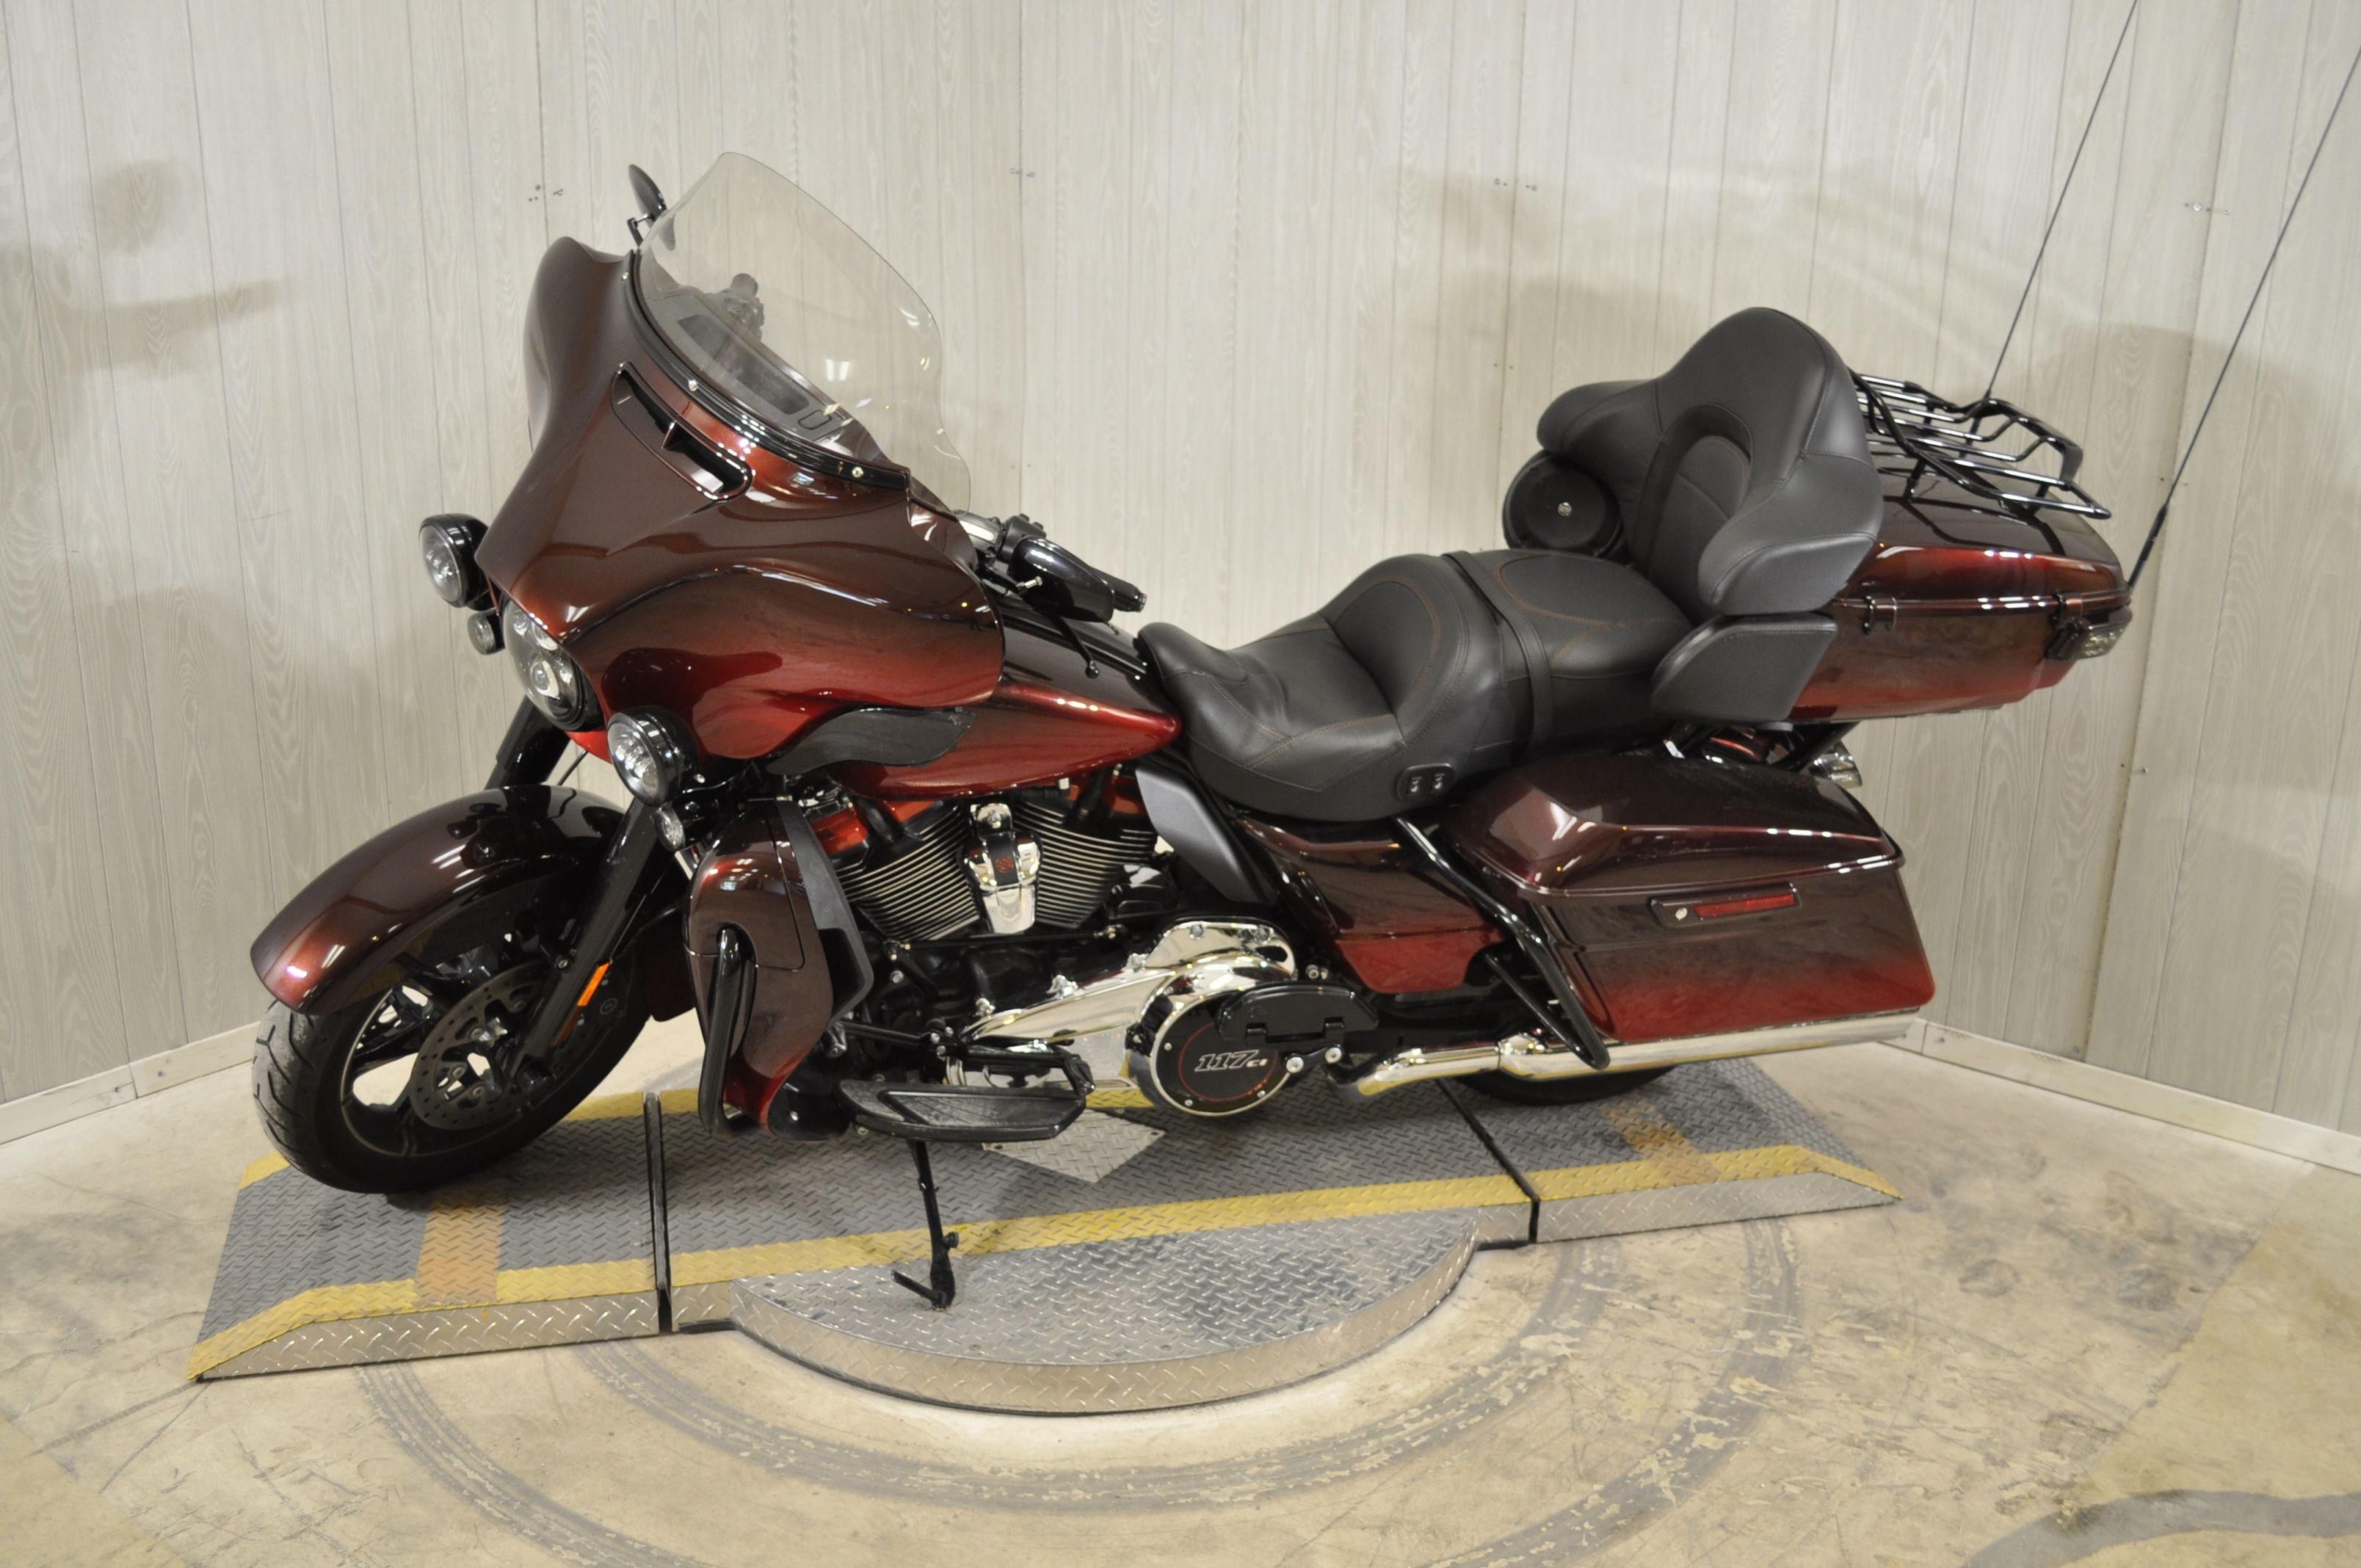 Pre-Owned 2018 Harley-Davidson CVO Limited FLHTKSE